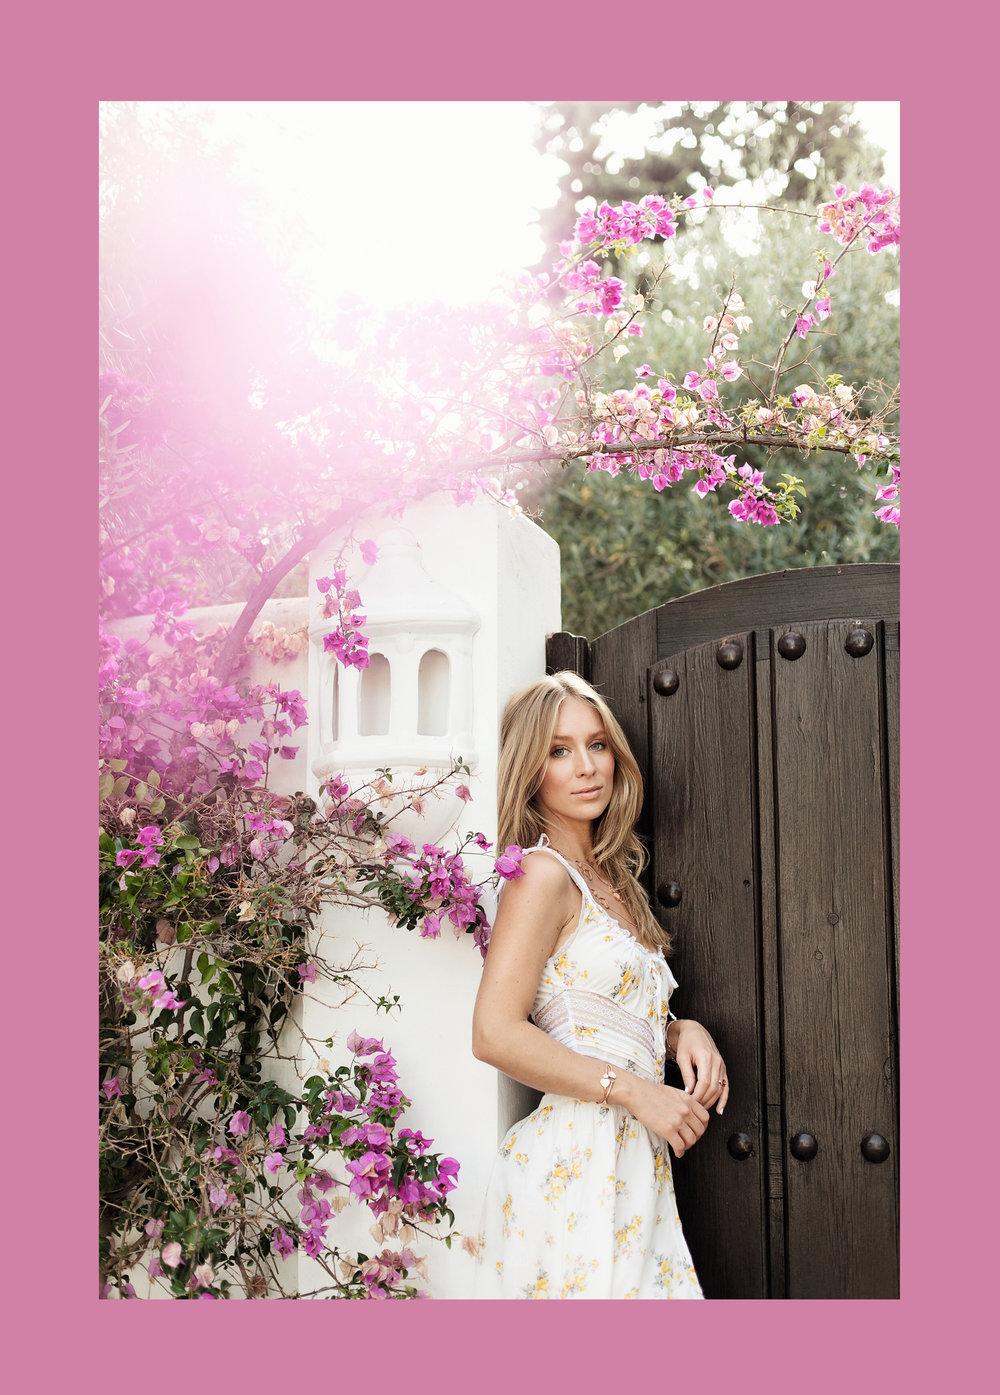 Marbella02.jpg